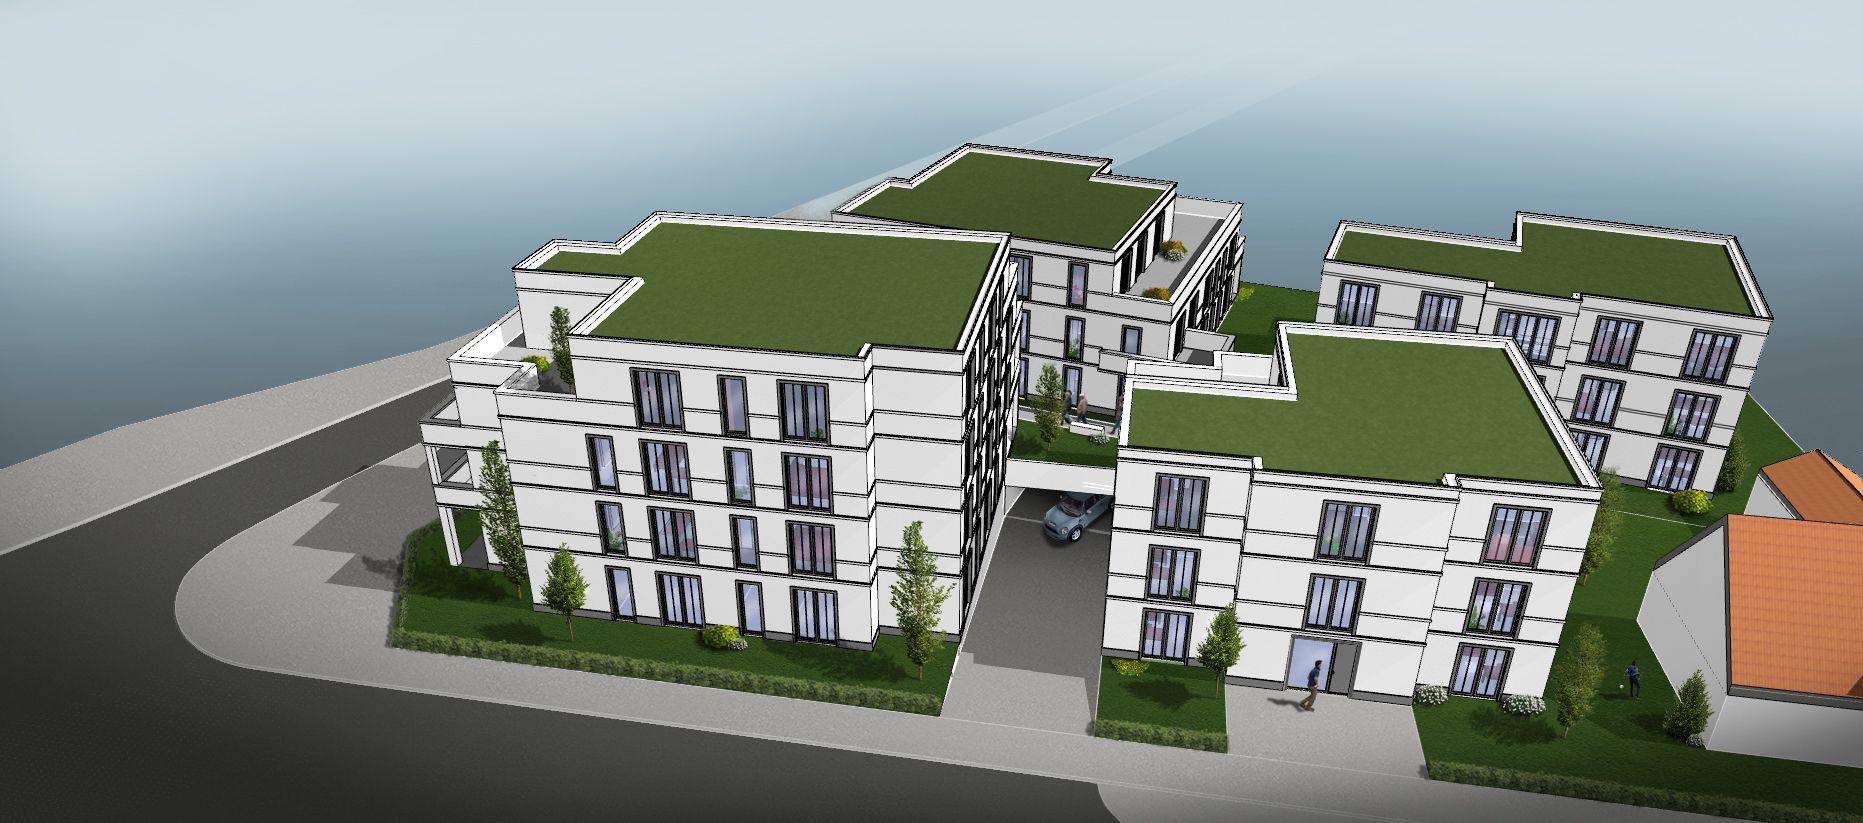 Umfangreiches Bauvorhaben in der Innenstadt: Der erste Entwurf für das Eckgrundstück Kuhmarkt/Kreuzweg sieht einen Gebäudekomplex mit 26 Wohnungen vor. Nach den neuen Vorgaben sind immerhin 23 statt 19 Wohnungen erlaubt. Zeichnung: PWP